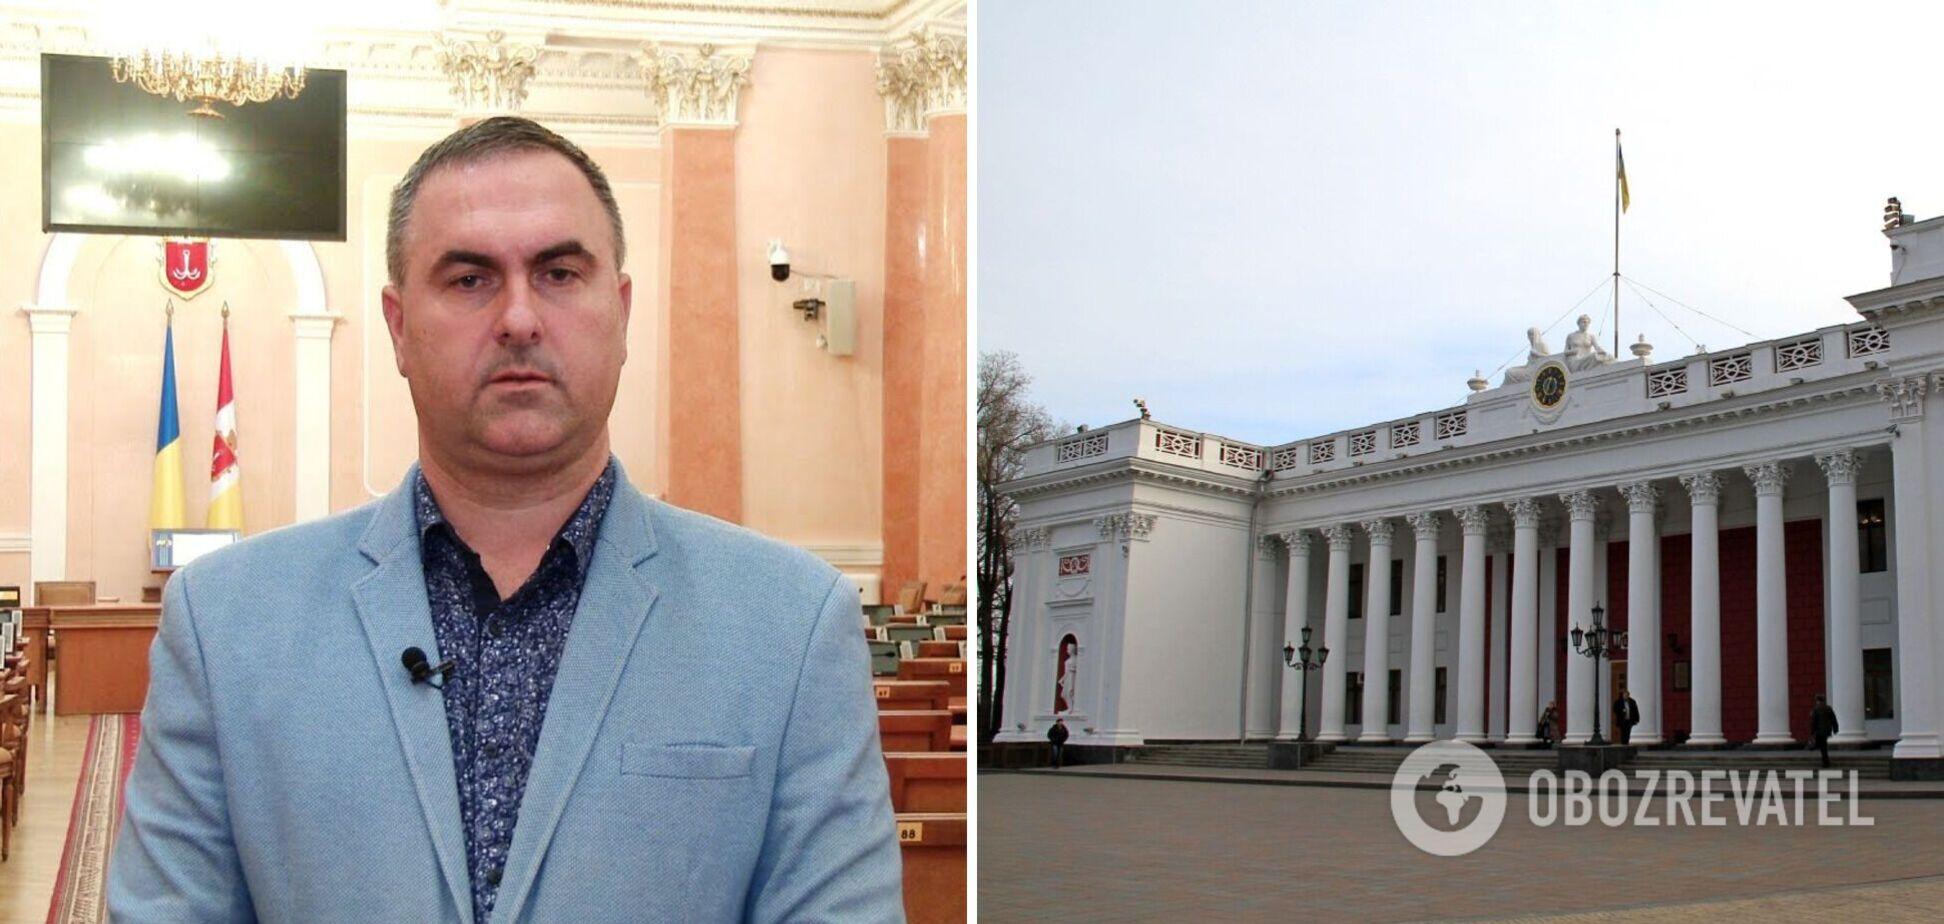 Чиновник одеської міськради не зміг назвати свій департамент українською мовою. Відео